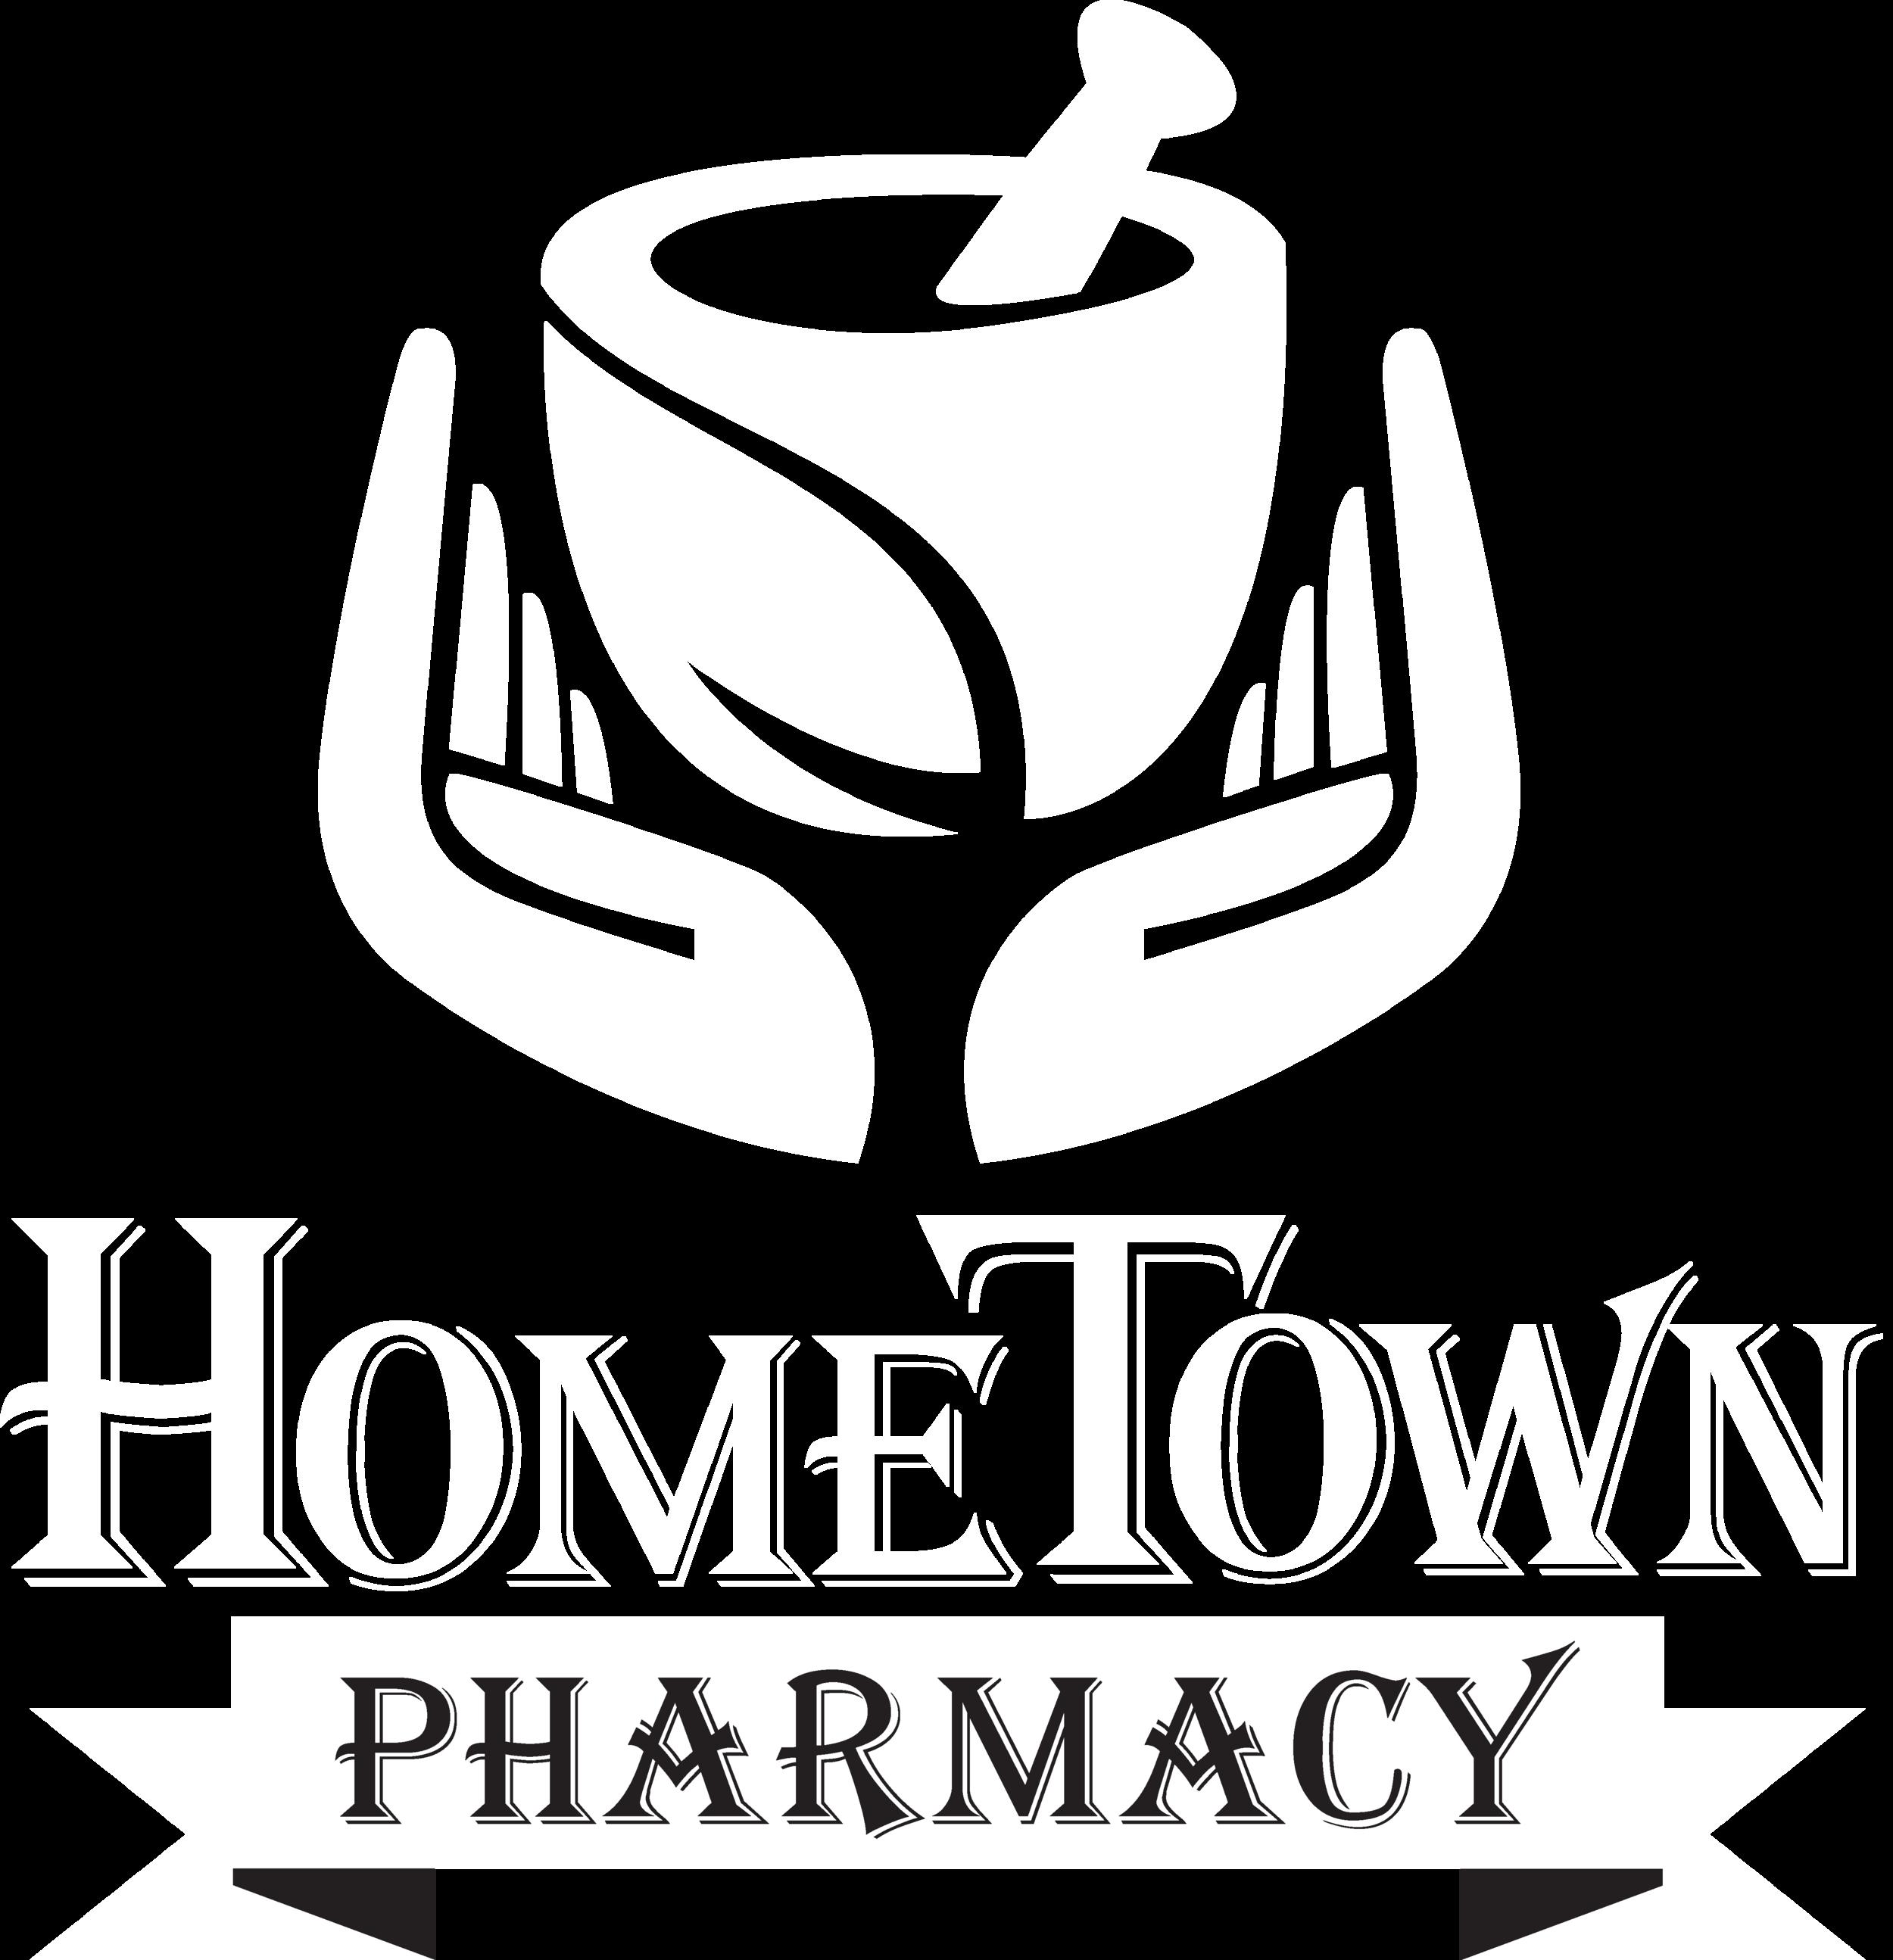 HometownPharmacyLogoWhite.png